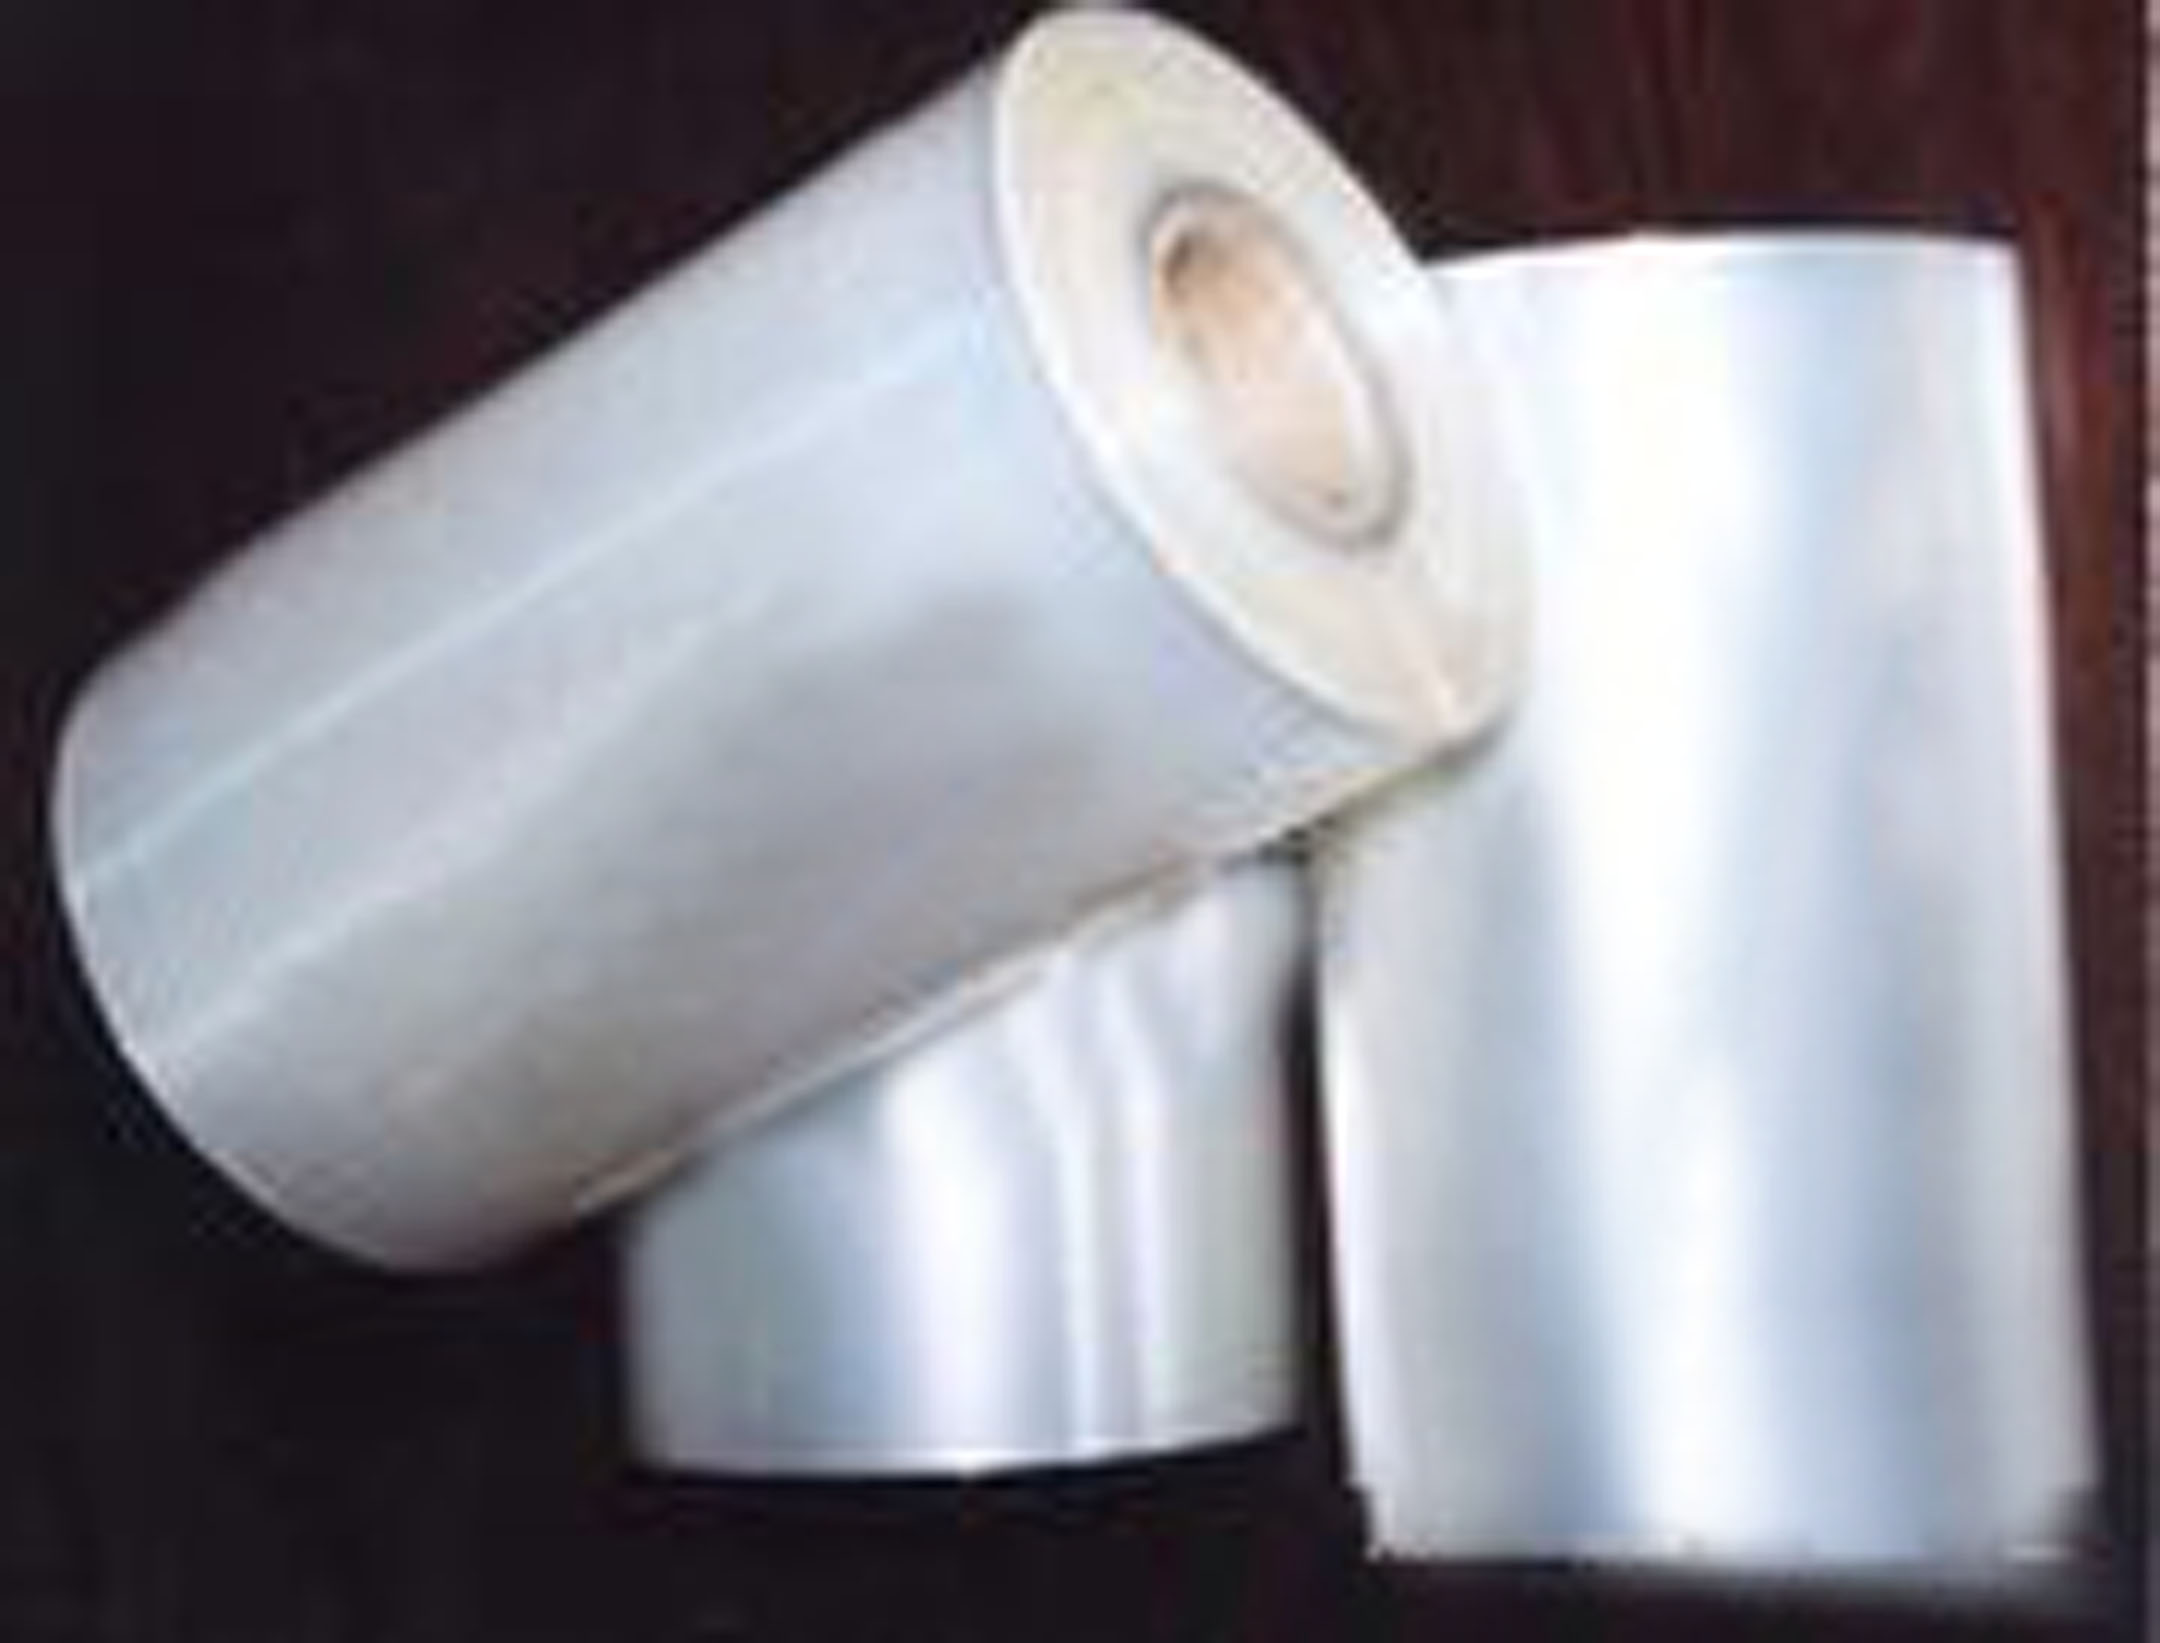 塑料薄膜袋进口代替的趋势日益显着